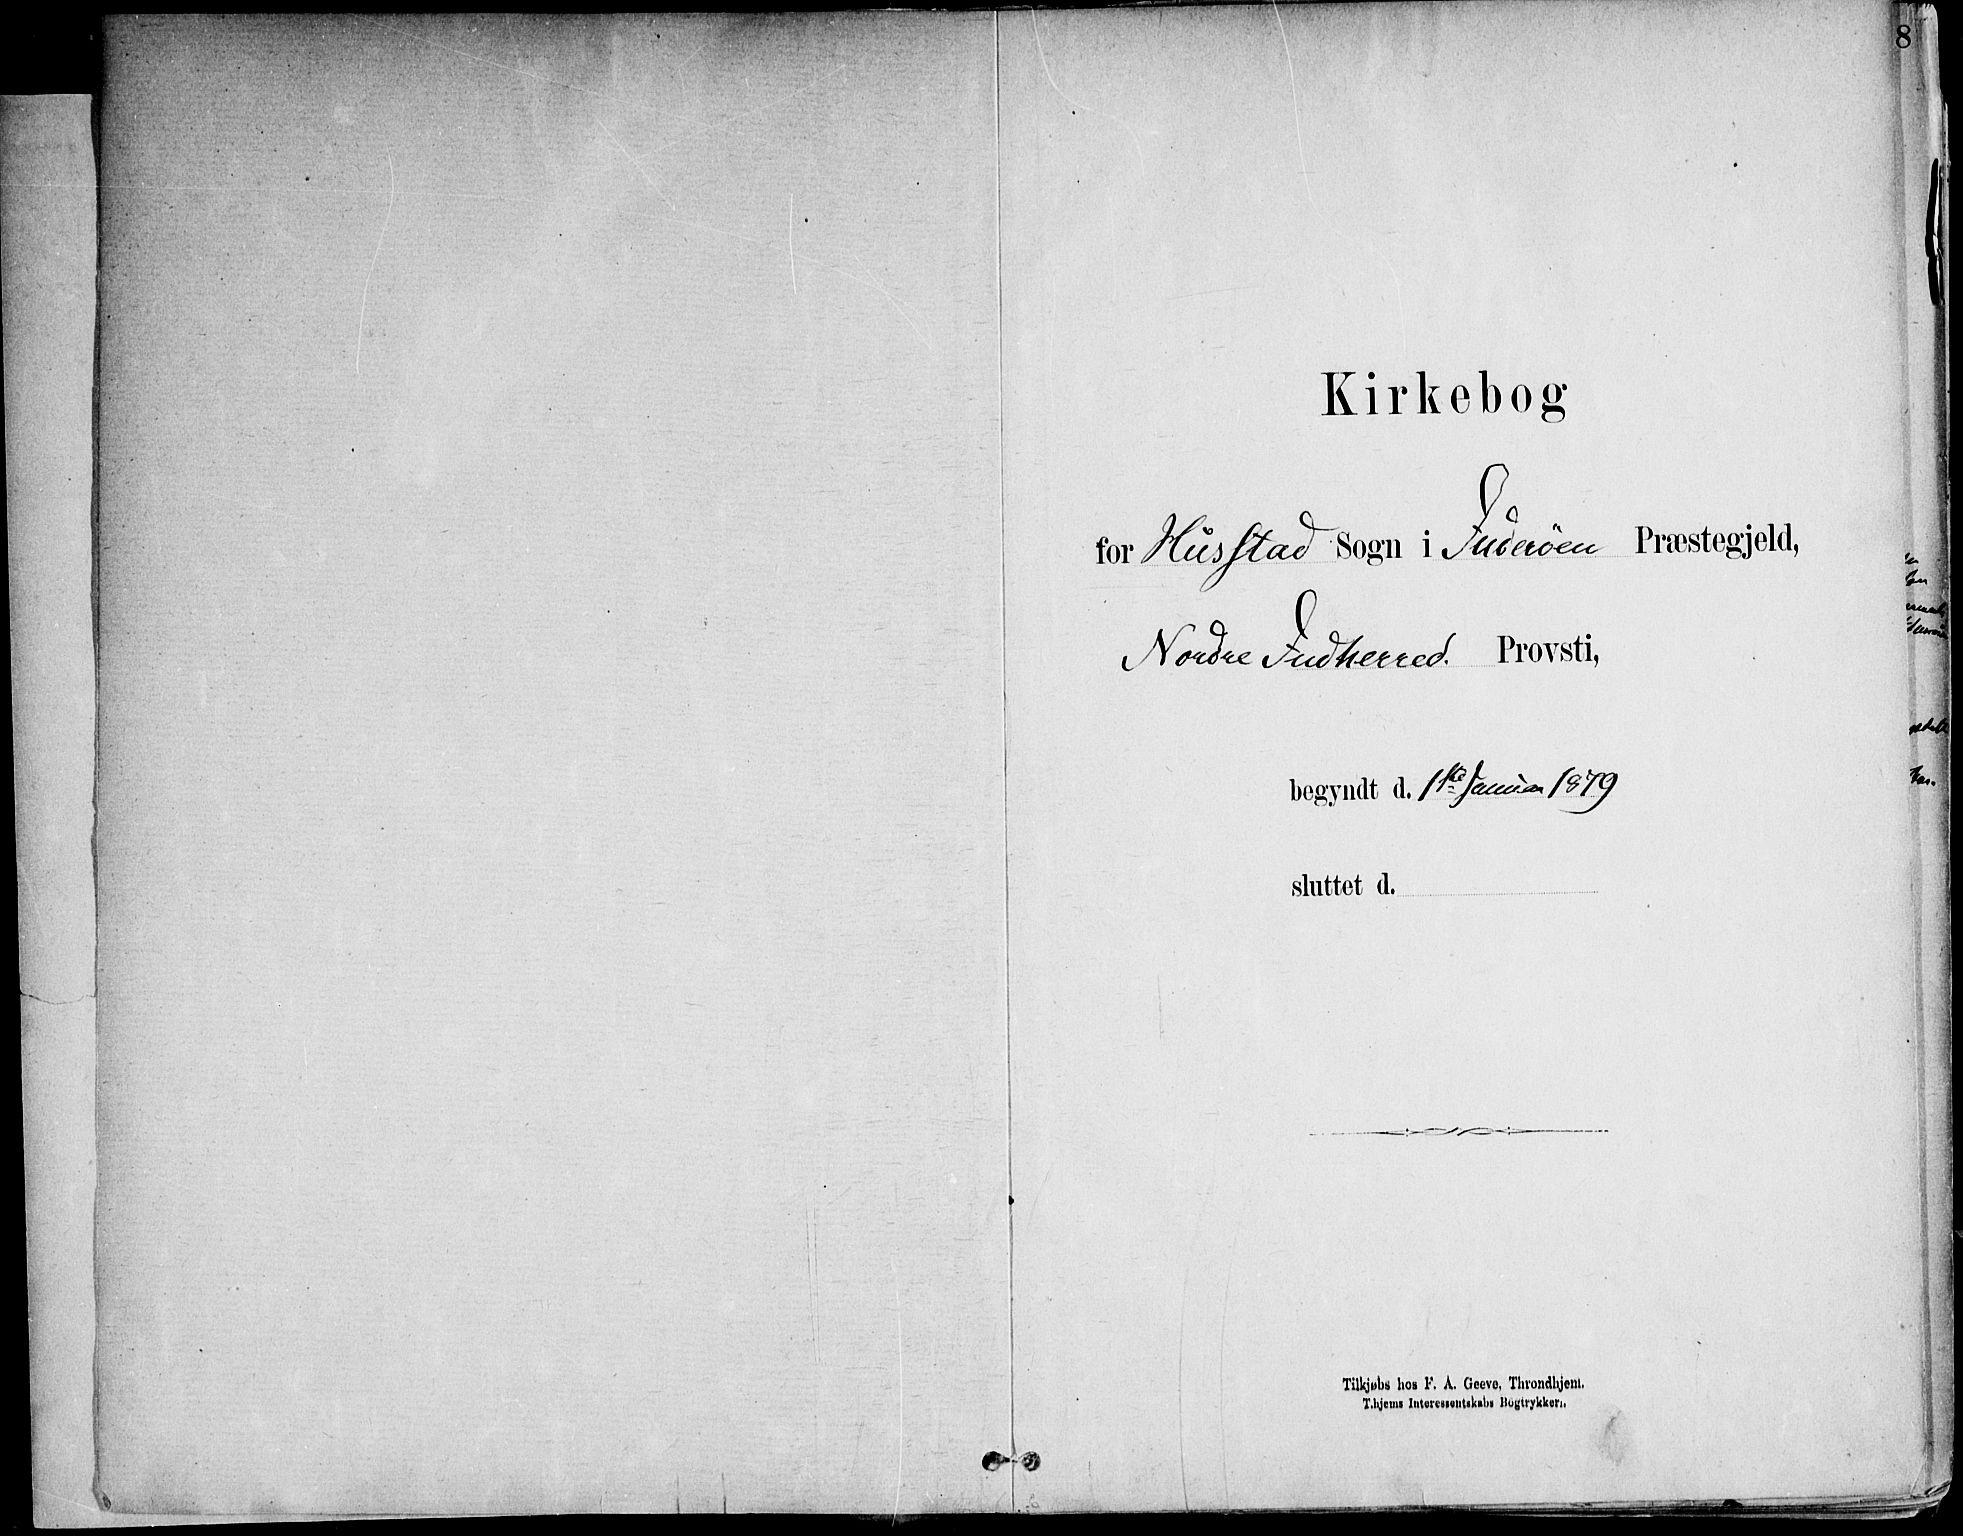 SAT, Ministerialprotokoller, klokkerbøker og fødselsregistre - Nord-Trøndelag, 732/L0316: Ministerialbok nr. 732A01, 1879-1921